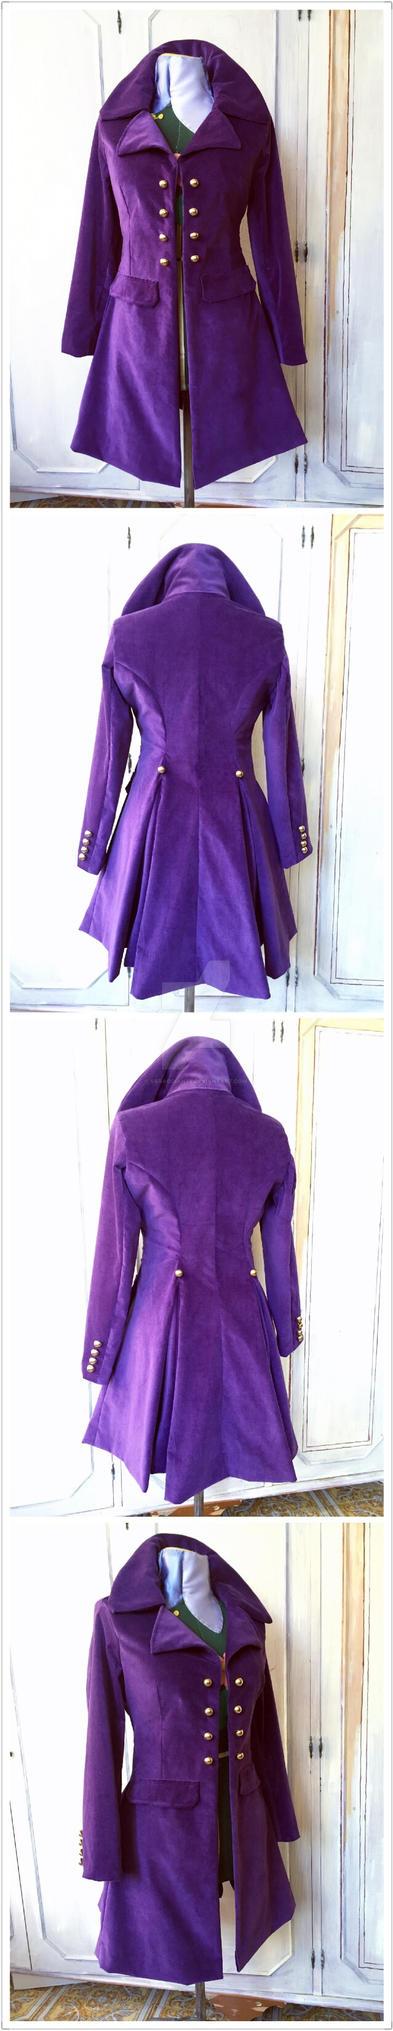 Alois Trancy hand made coat (Kuroshitsuji)  by SaraOdiante